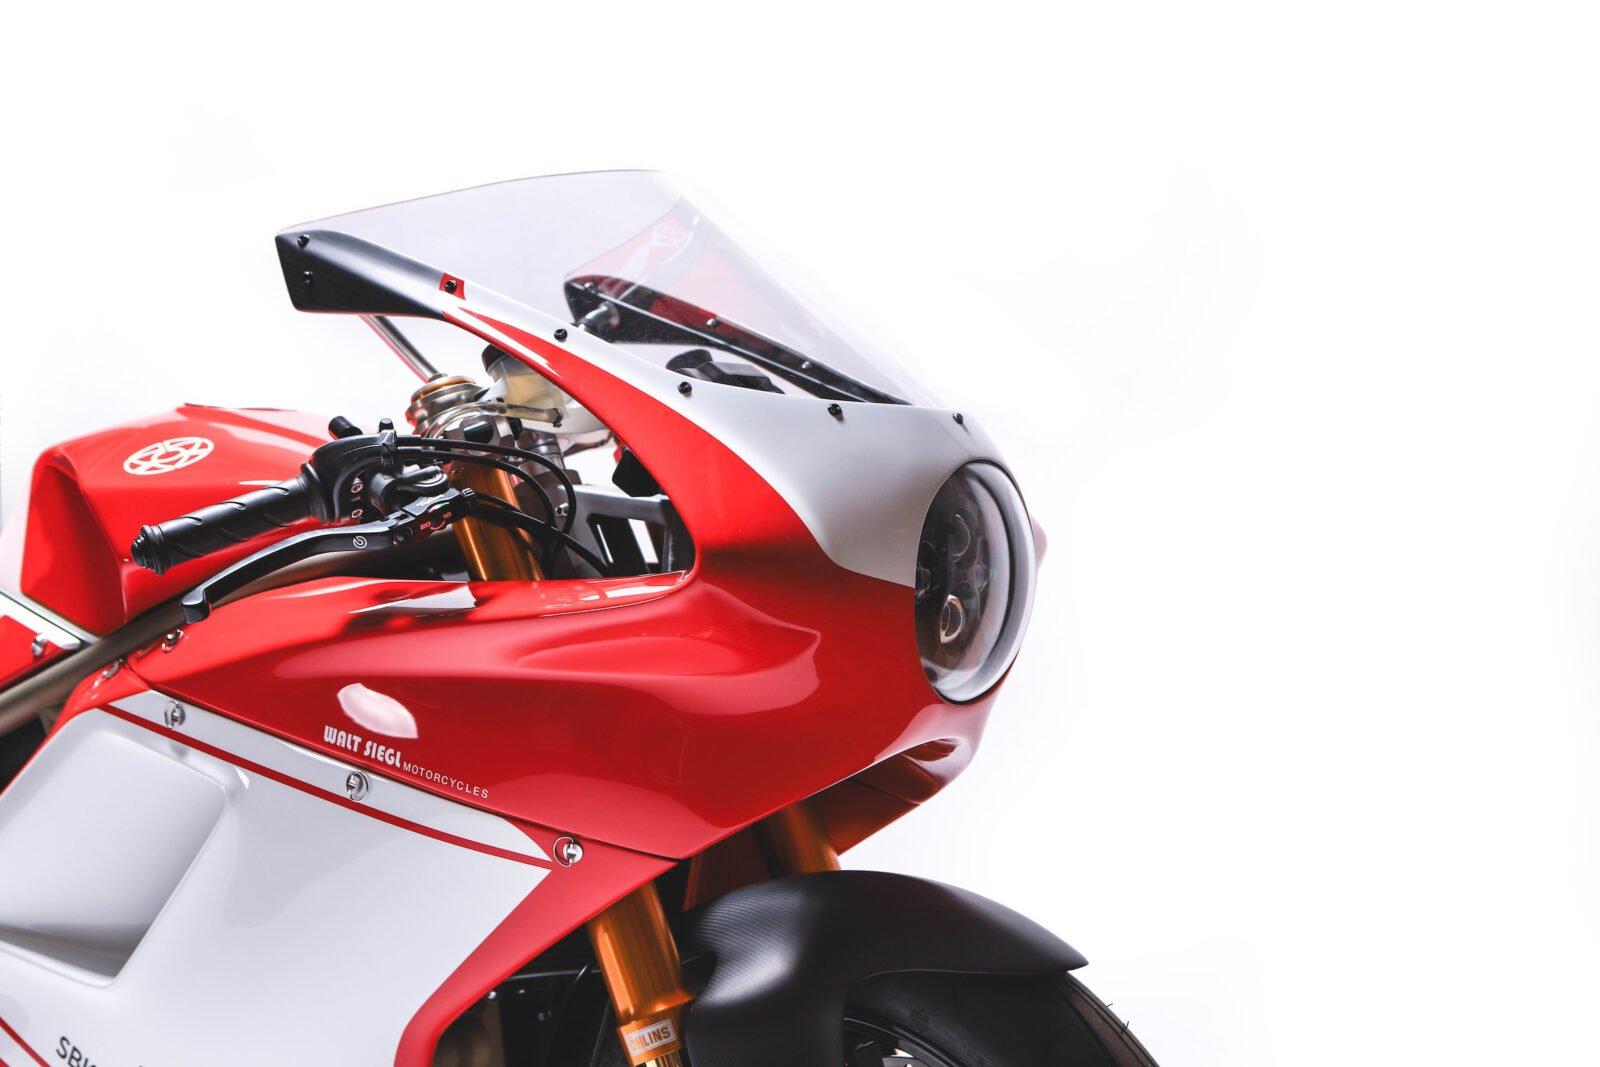 Custom Ducati Headlight